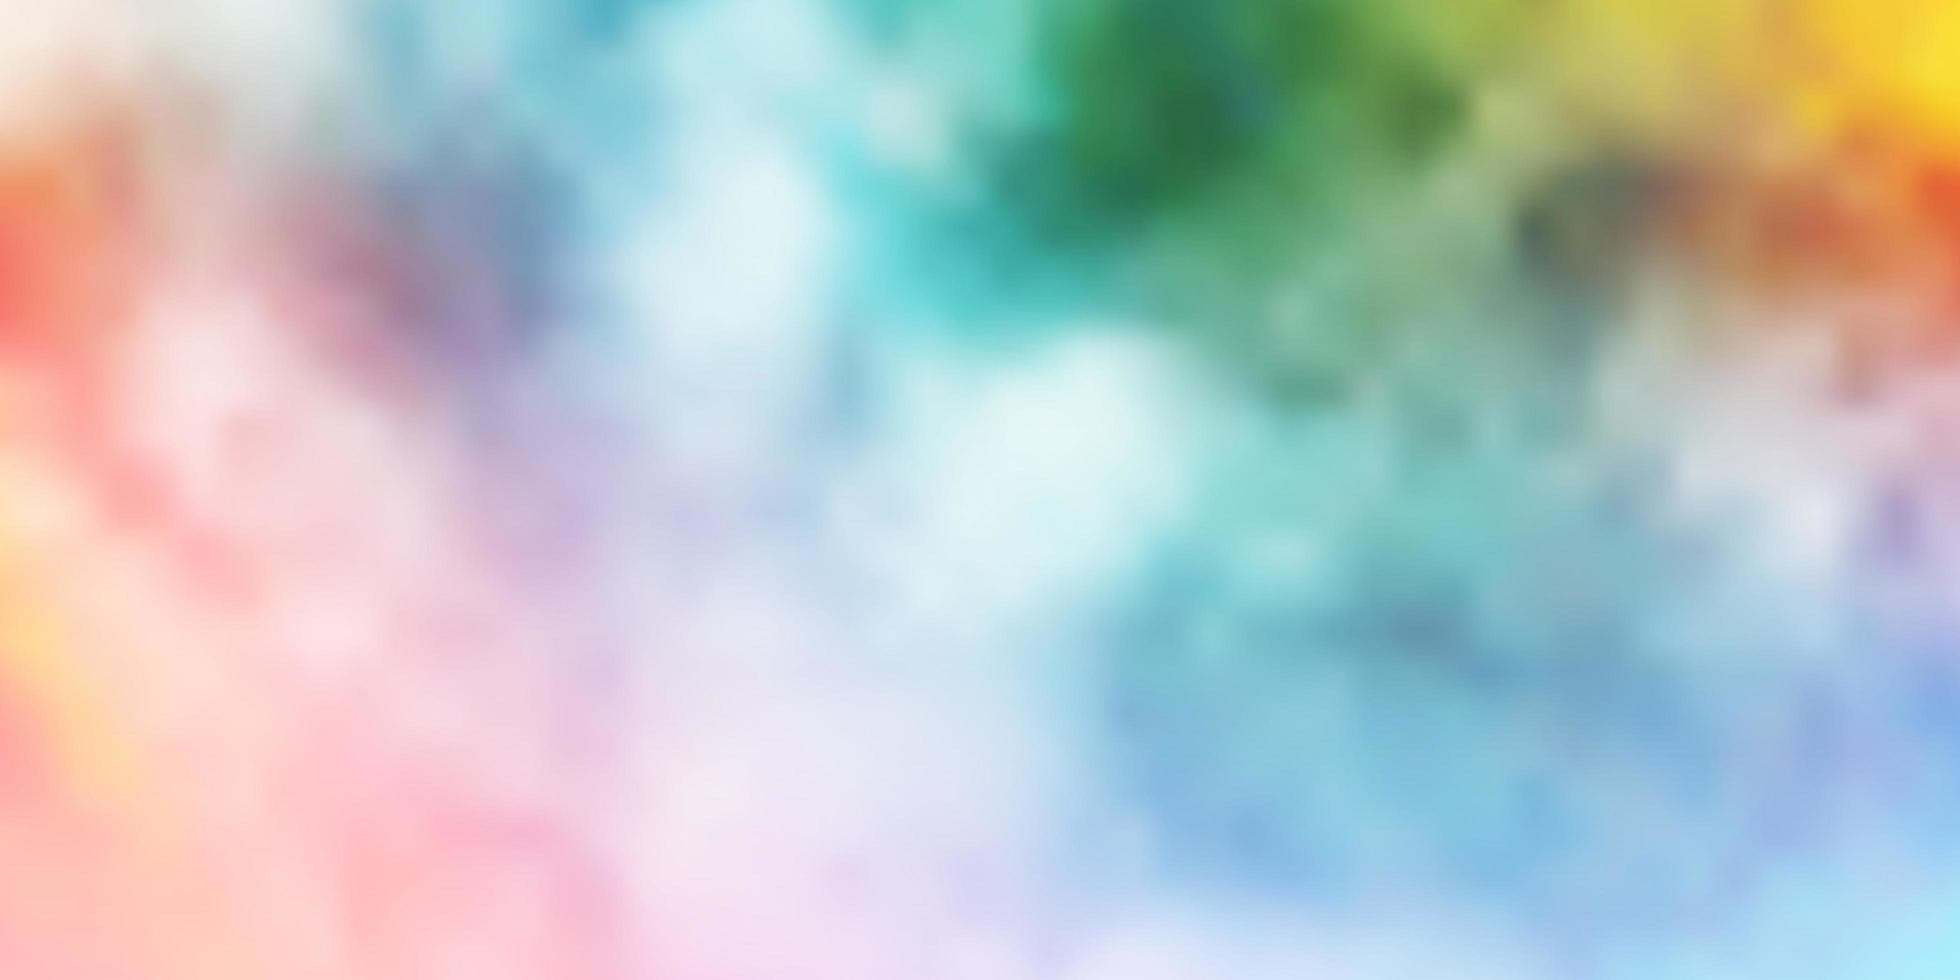 leichte mehrfarbige Vektorbeschaffenheit mit bewölktem Himmel. vektor